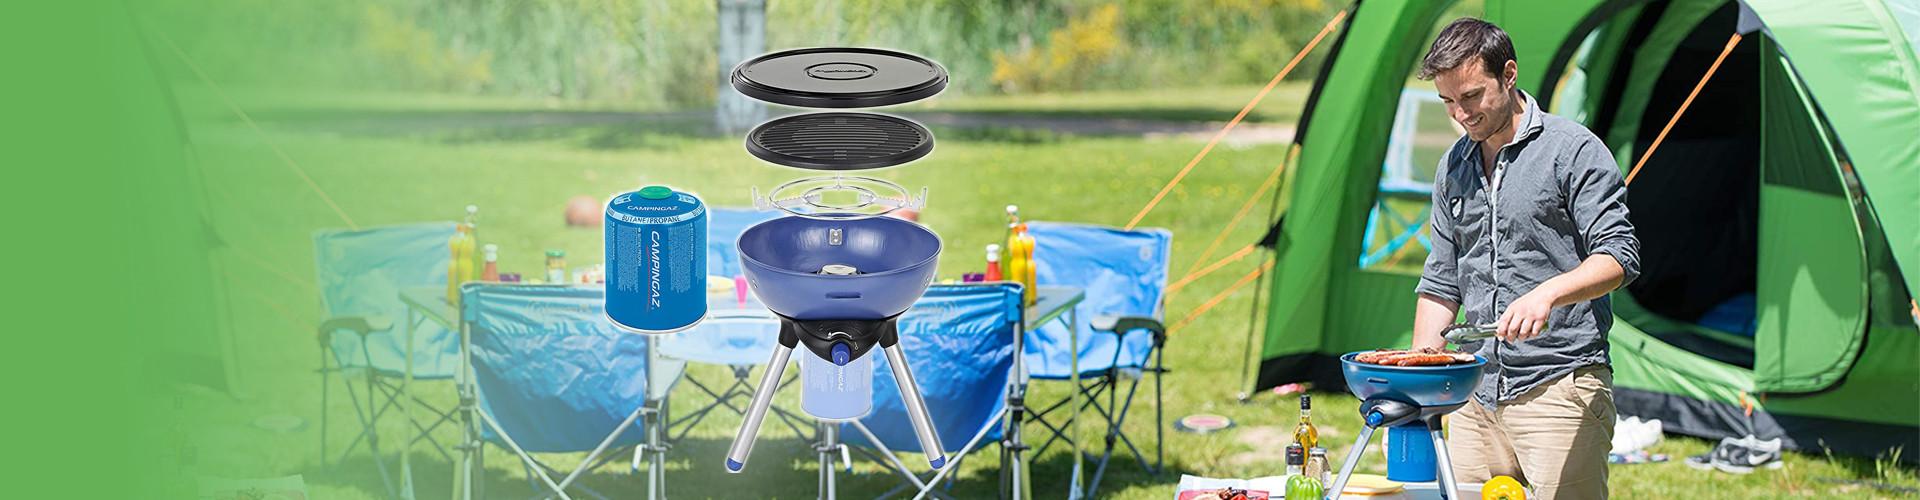 Φορητή ψησταριά υγραερίου Campingaz ιδανική για τα BBQ σας στο camping, στην παραλία, στην βεράντα, στον κήπο σας!